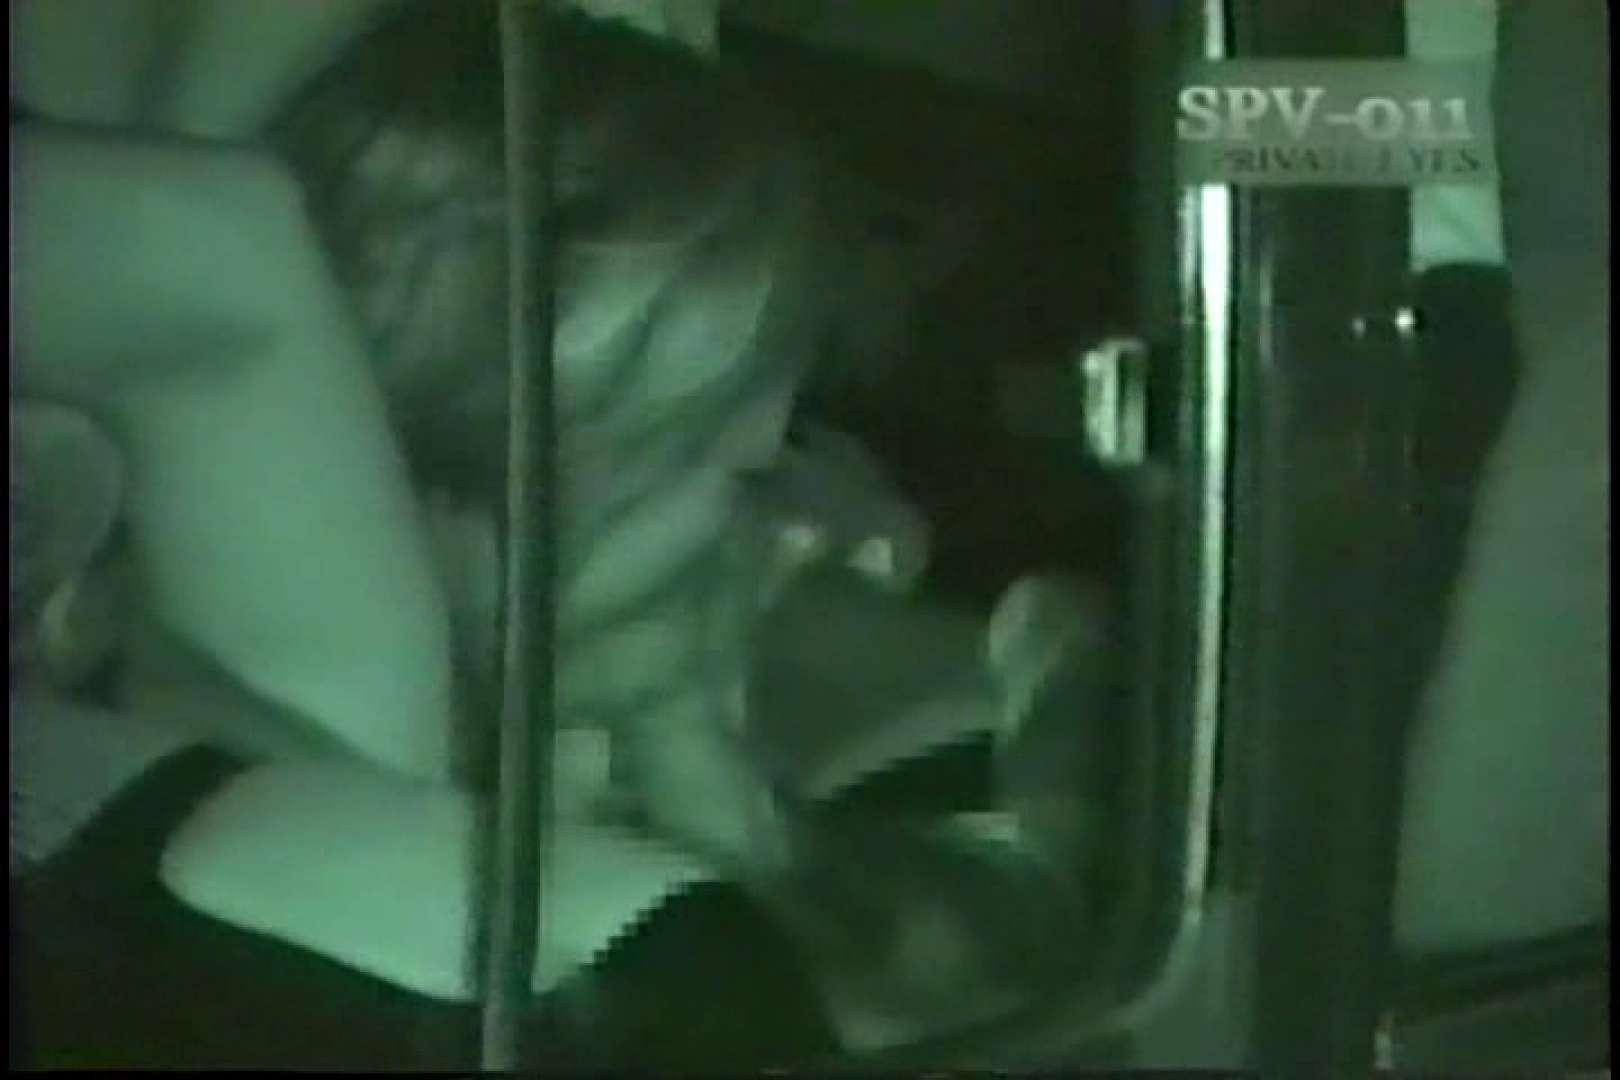 高画質版!SPD-011 盗撮 カーセックス黙示録 (VHS) セックスエロ動画 SEX無修正画像 107PIX 22